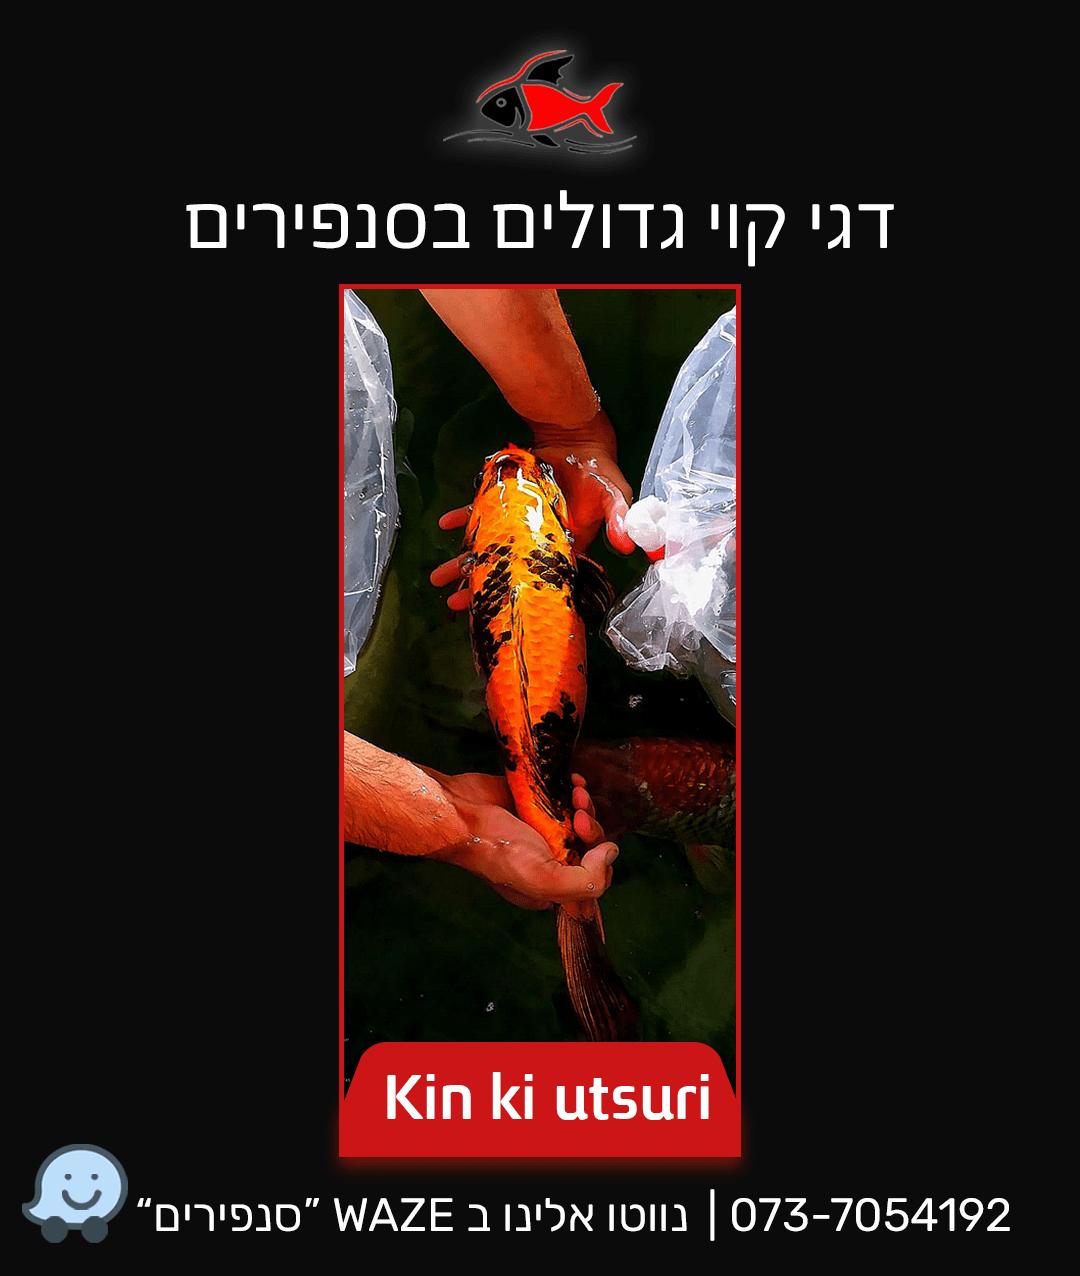 kin-ki-utsuri